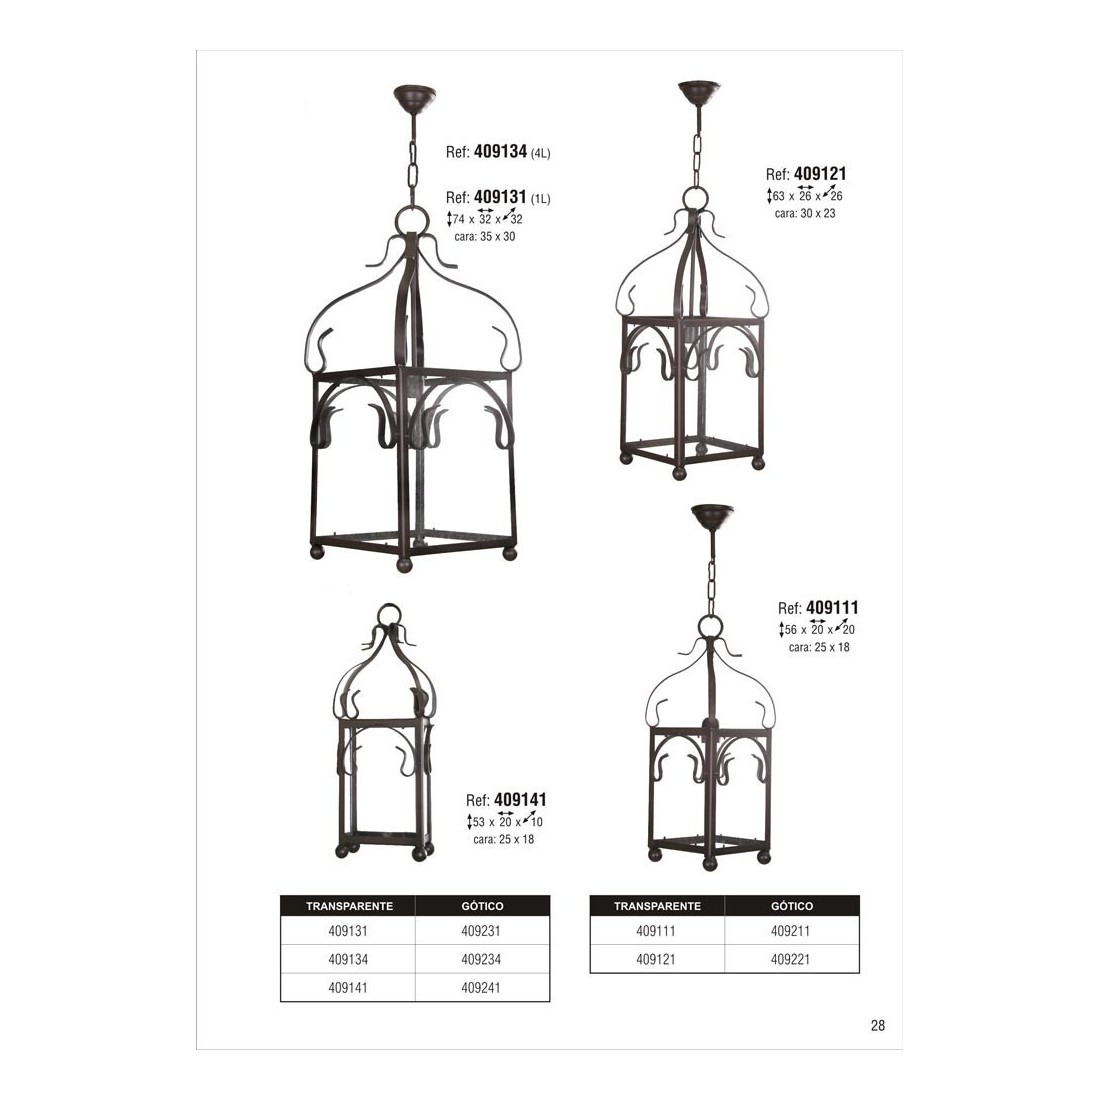 Lamparas forja lamparas forja online lamparas forja - Apliques pared baratos ...